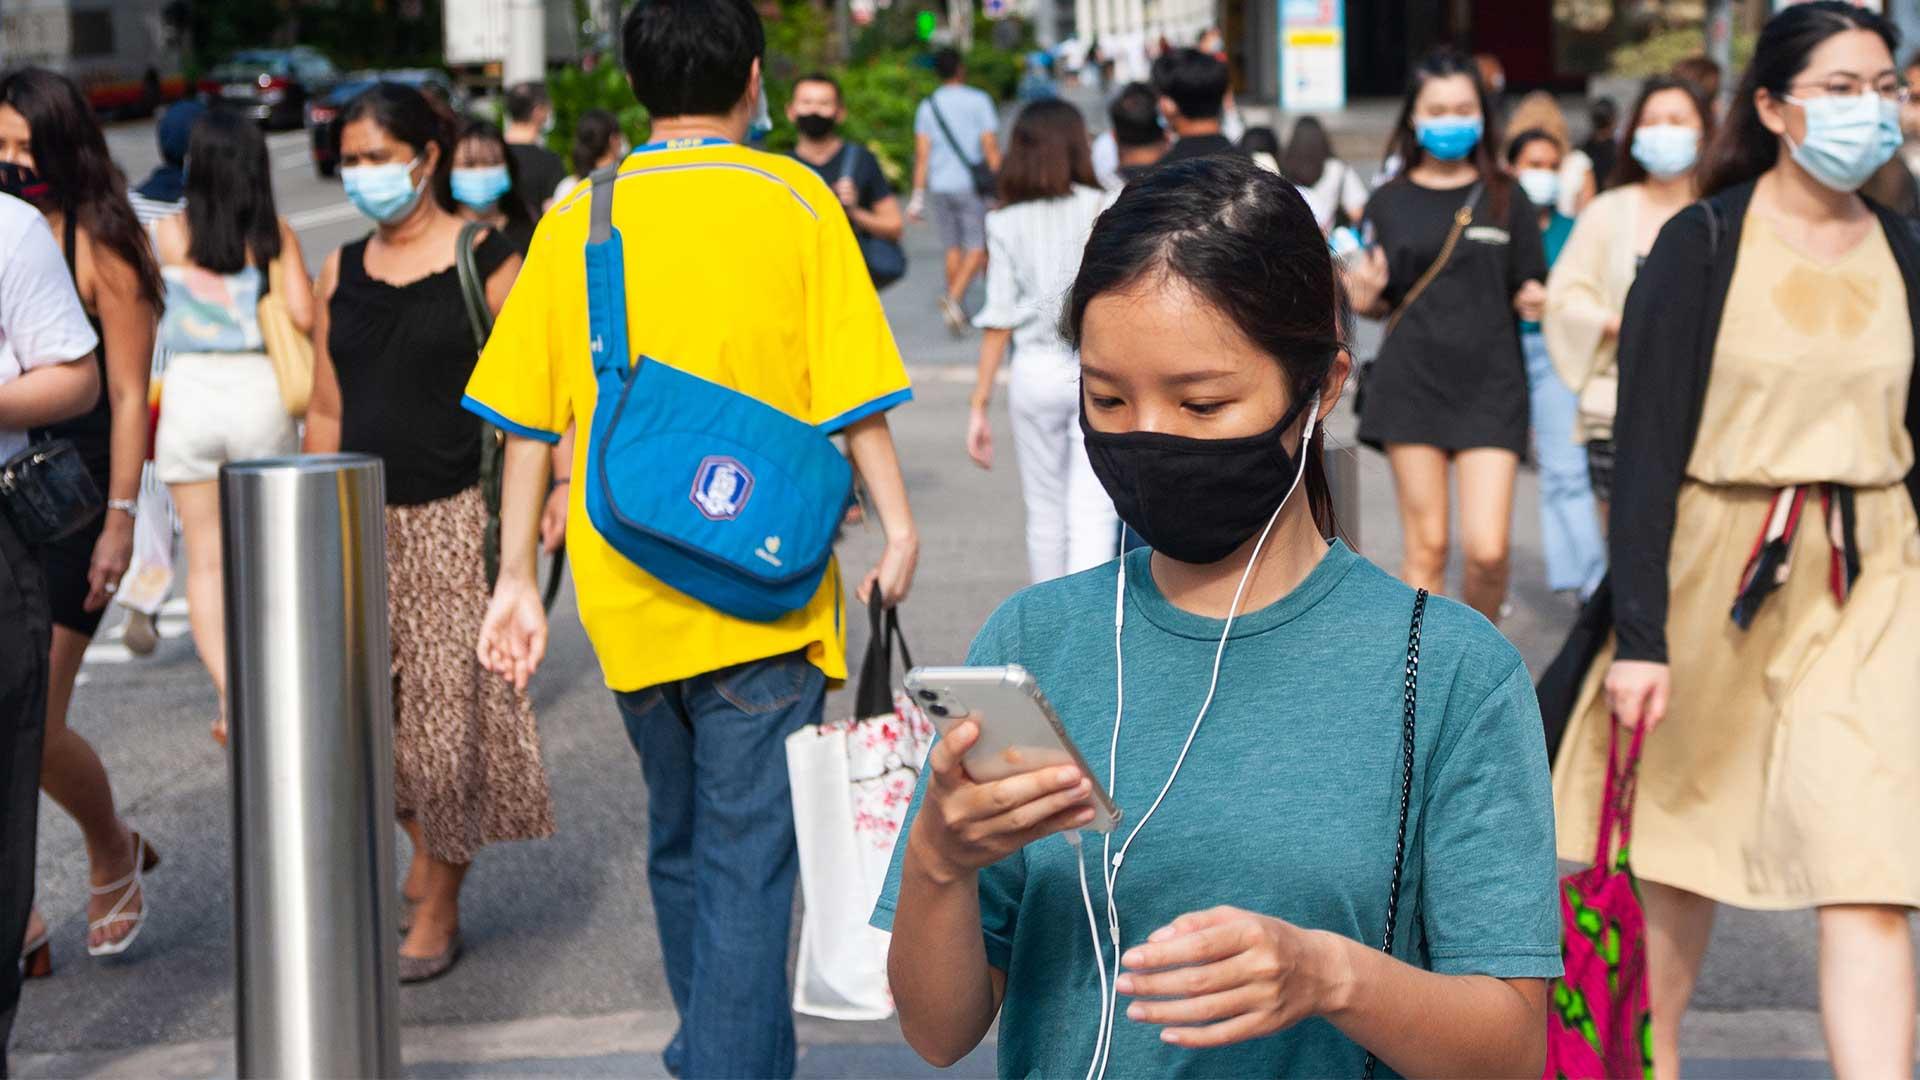 Fußgänger mit Mundschutz gehen die Orchard Road im Stadtzentrum von Singapur entlang. Alle Menschen tragen Masken, im Vordergrund ist eine Frau zu sehen, die auf ihr Handy schaut.